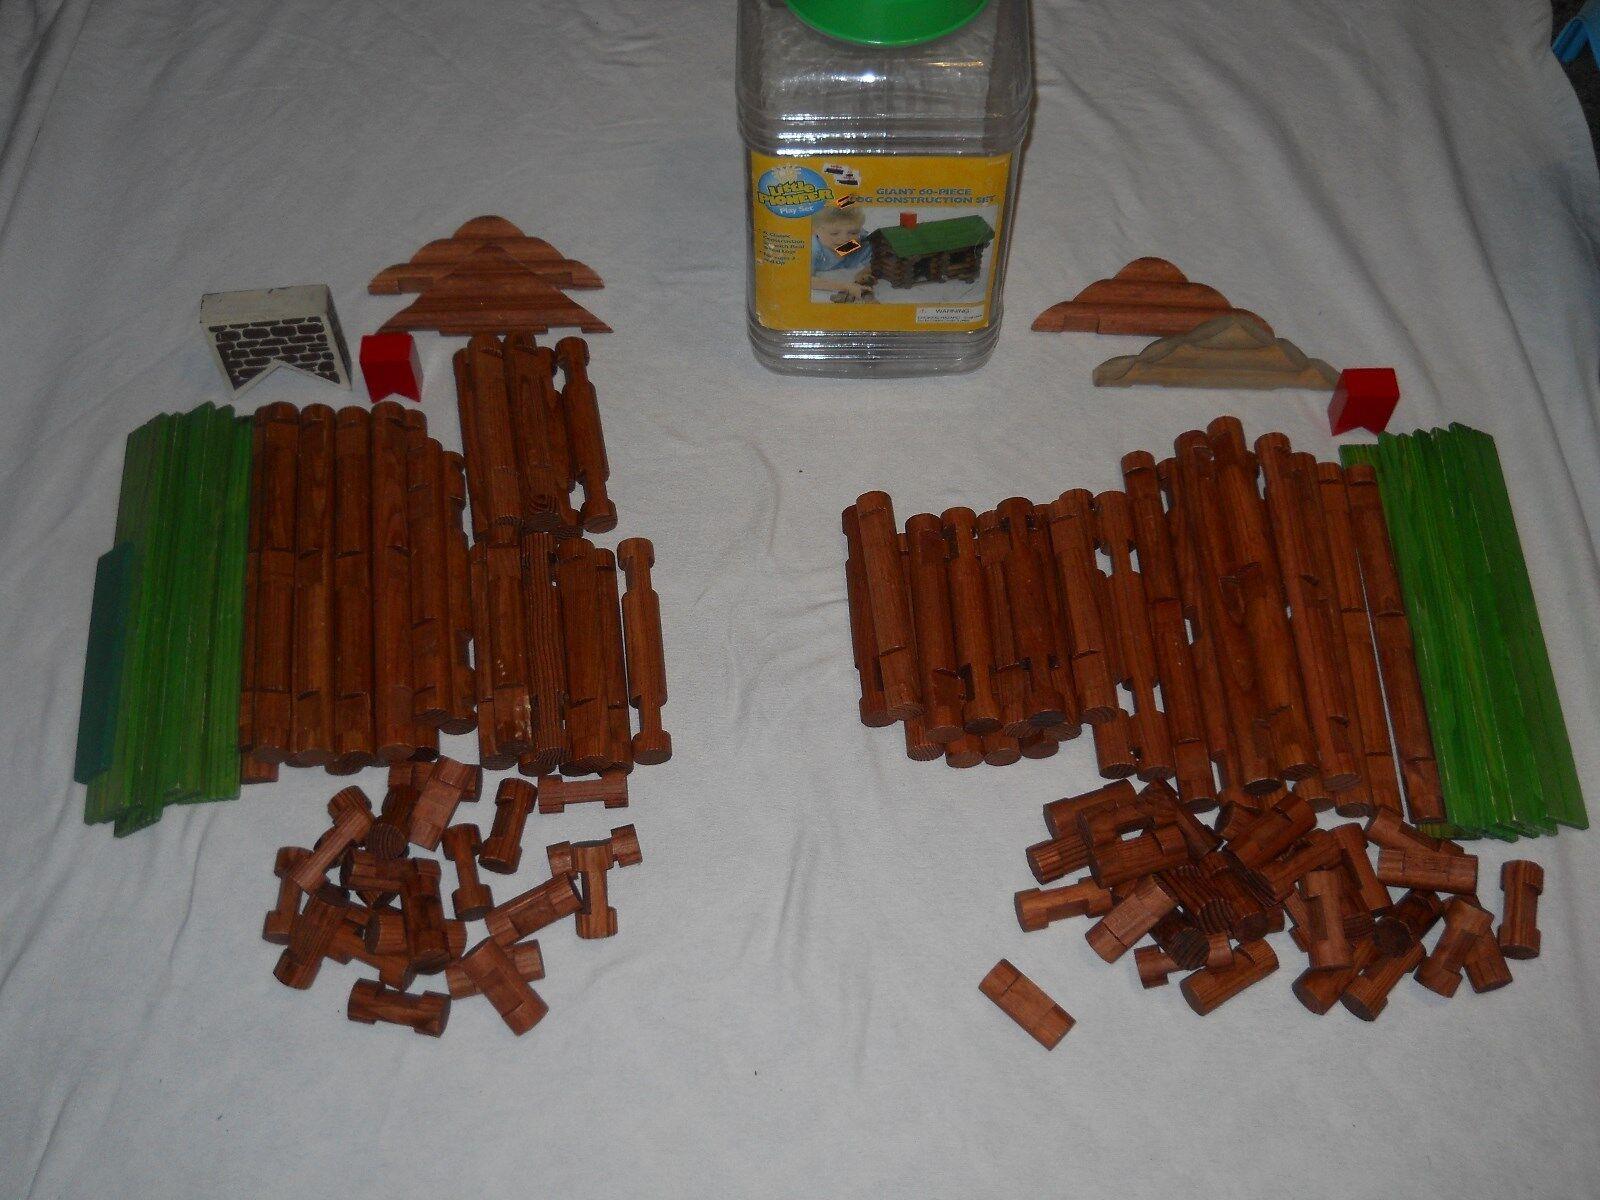 4Kidz Little Pioneer 2 Play Sets Giant 60 Piece Log Contstruction Set 123 Pcs